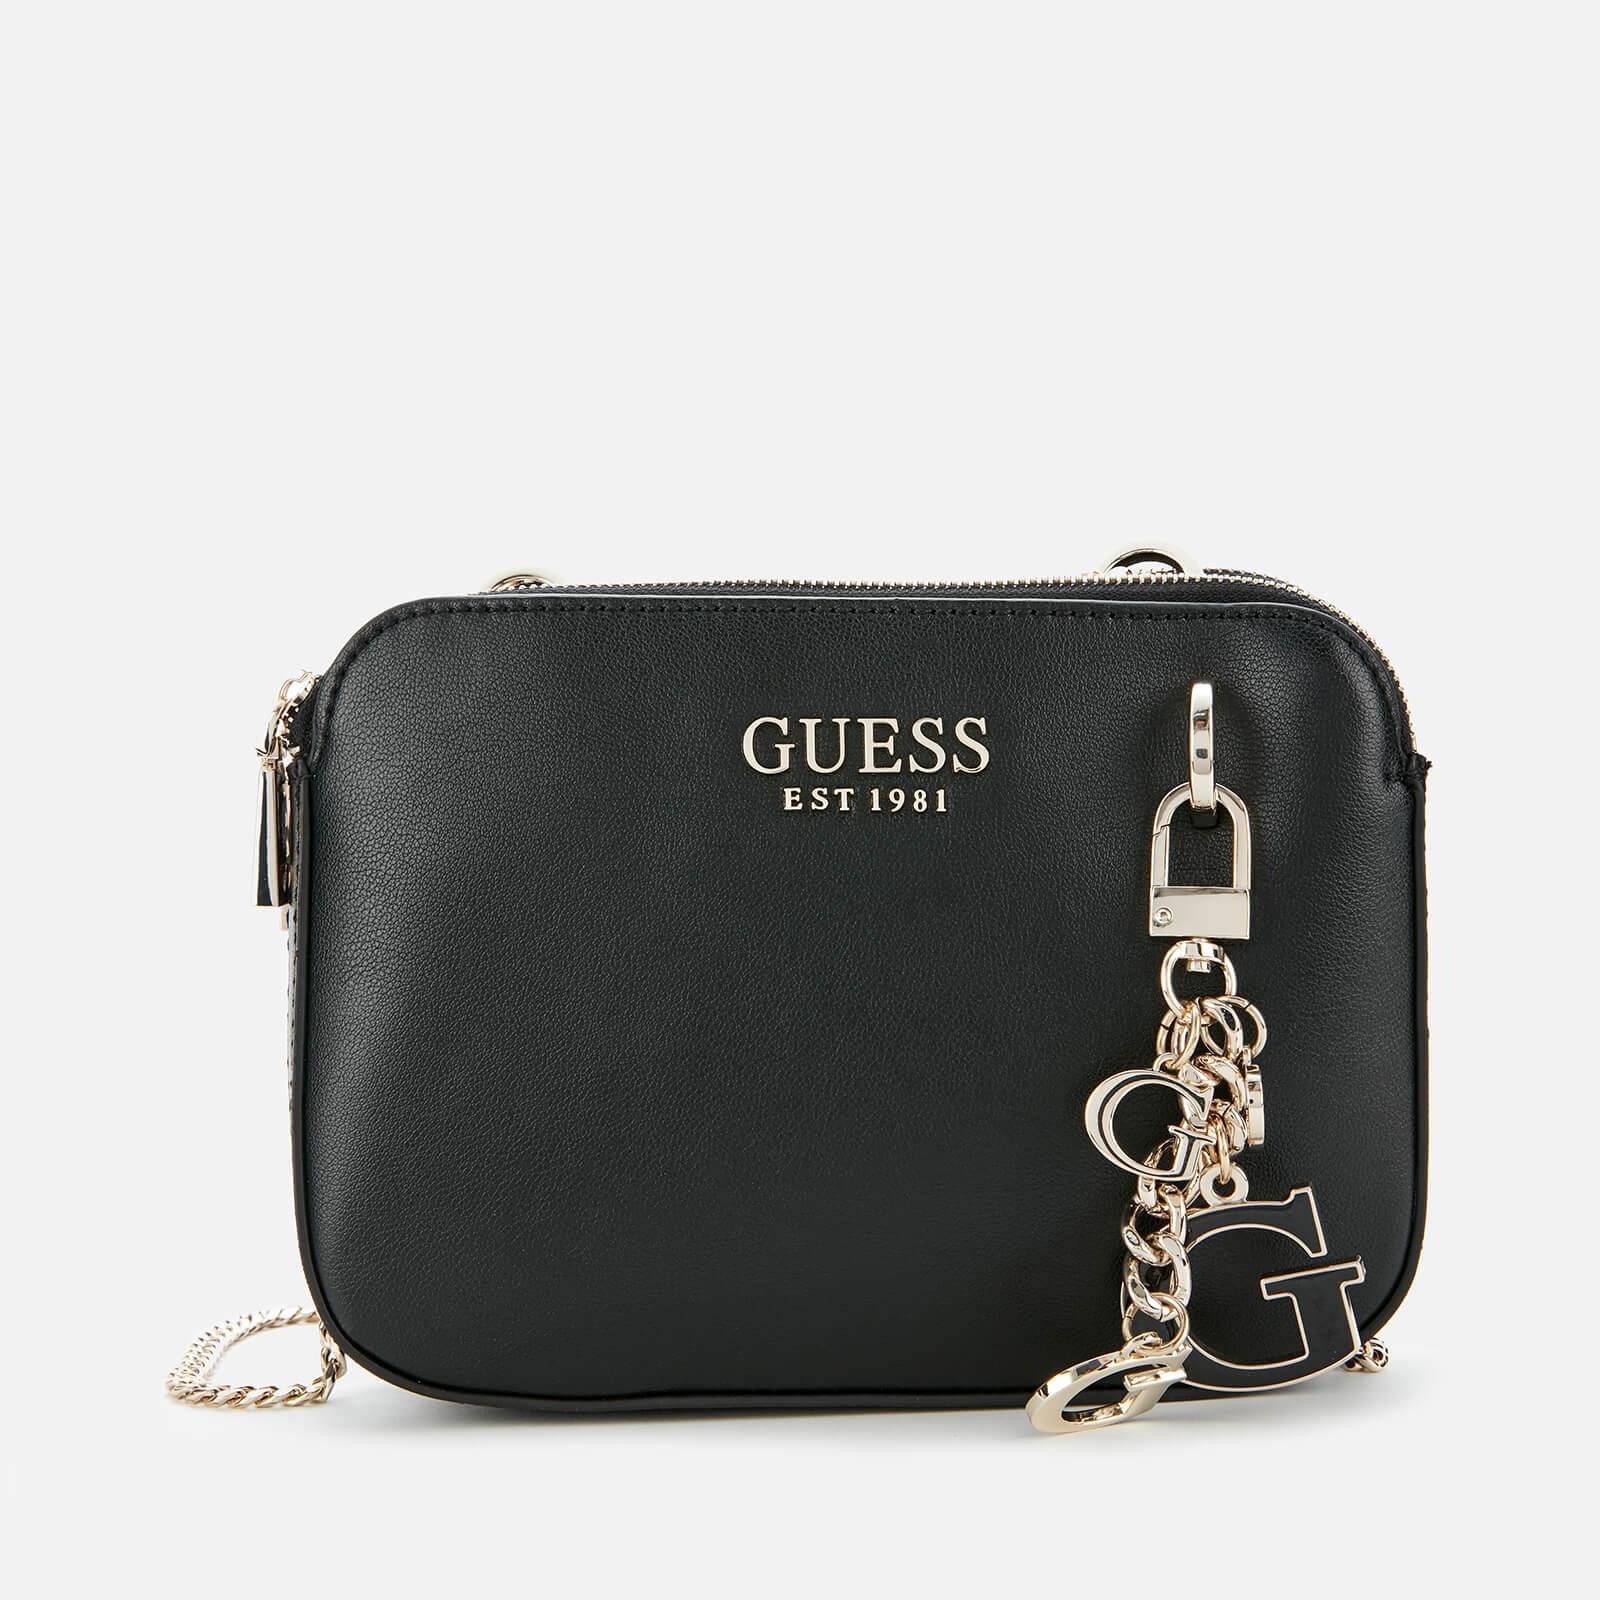 Guess Women's Sherol Convertible Cross Body Bag - Black